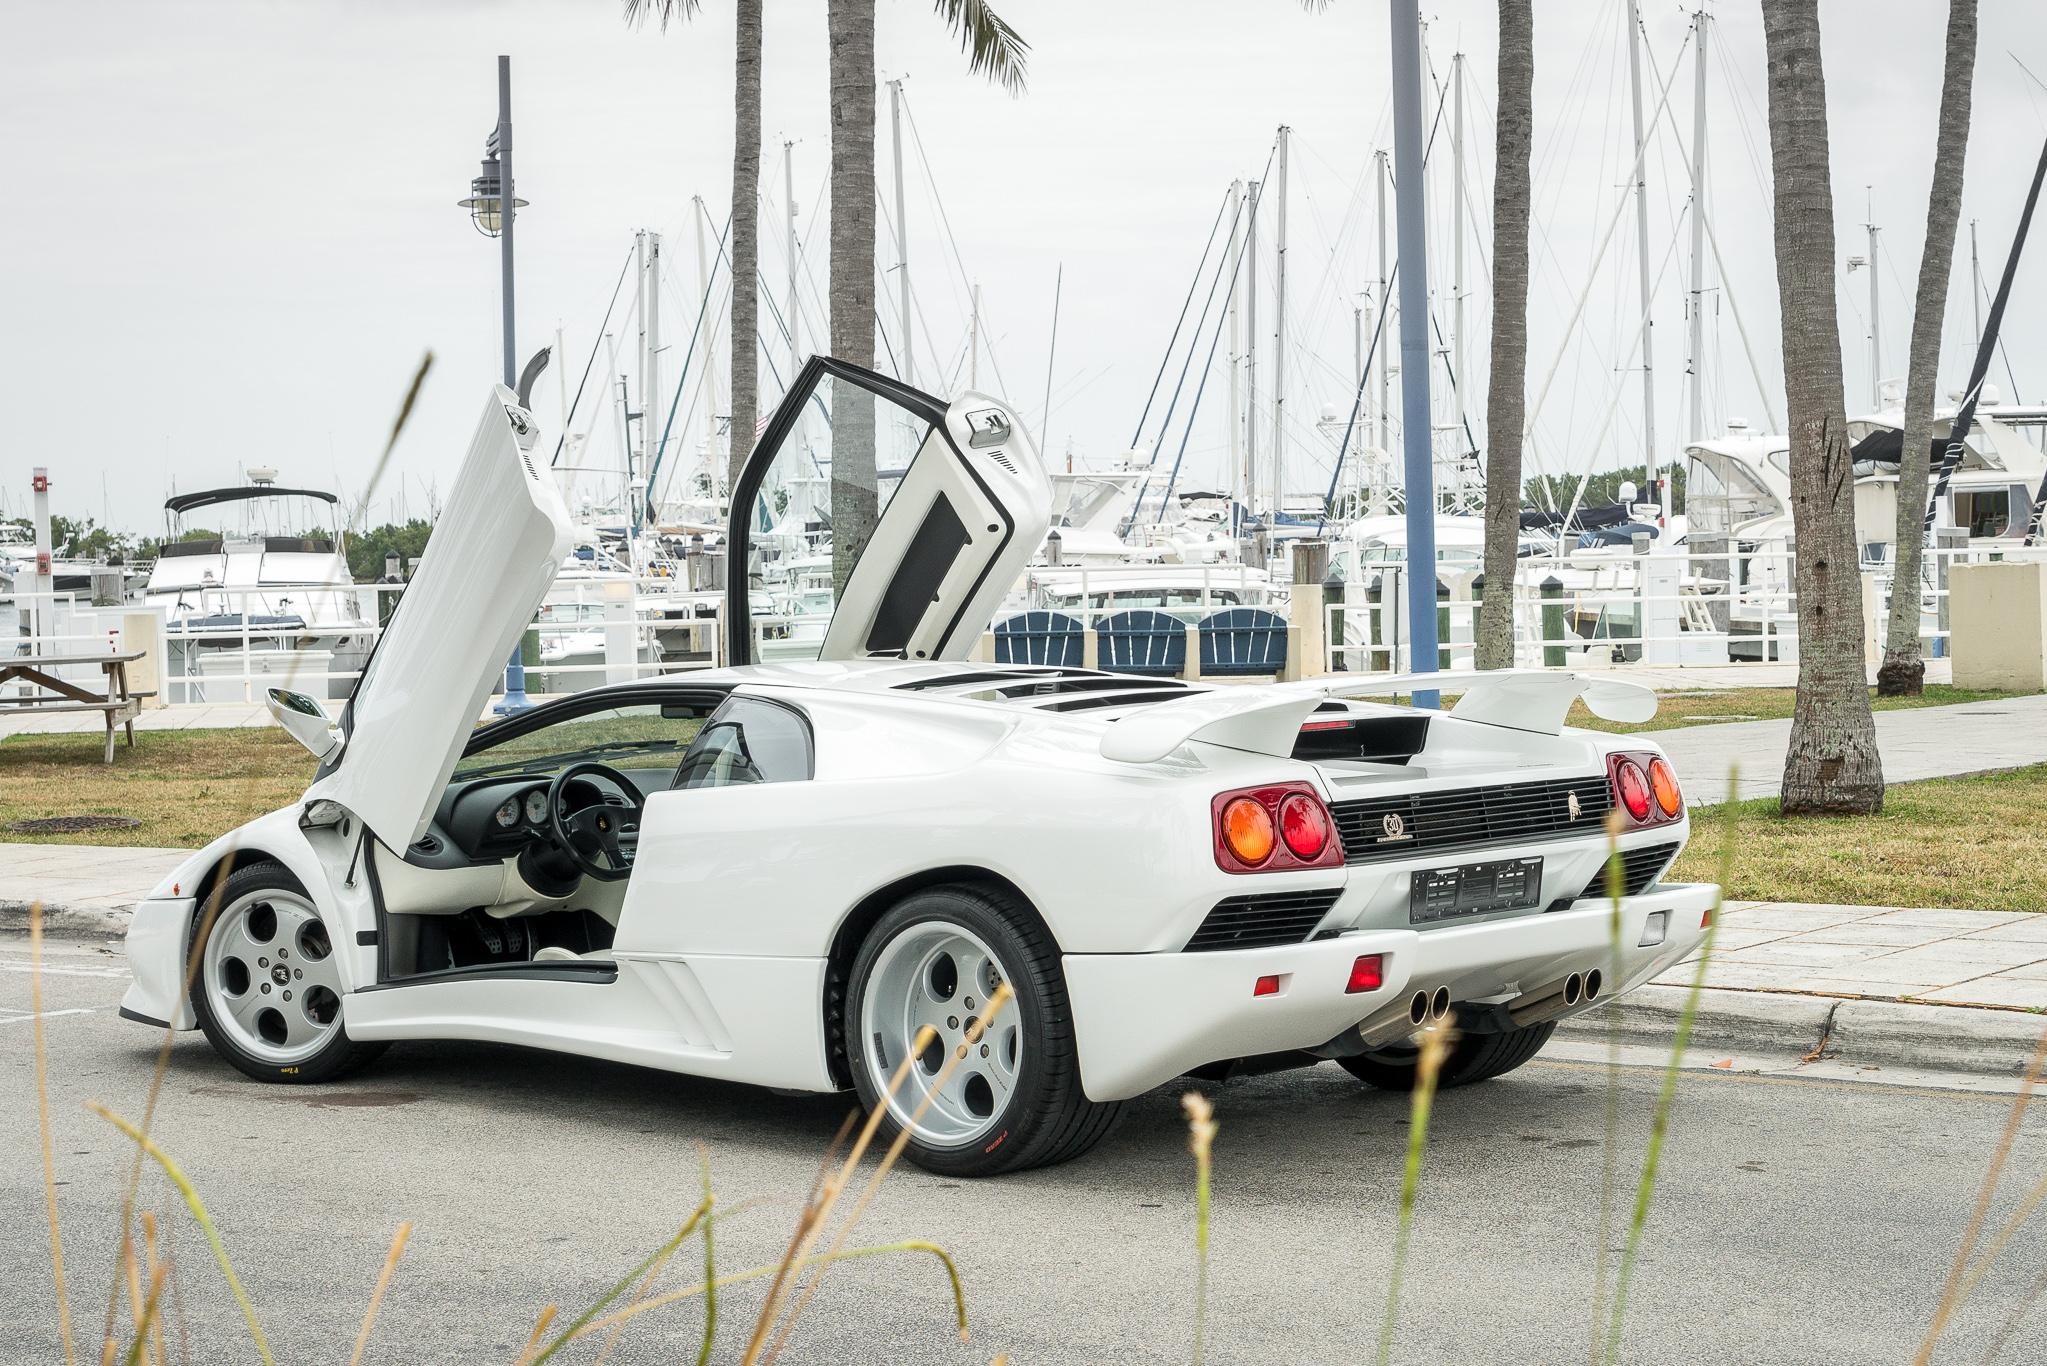 Lamborghini S F40 The Diablo Se30 Curated